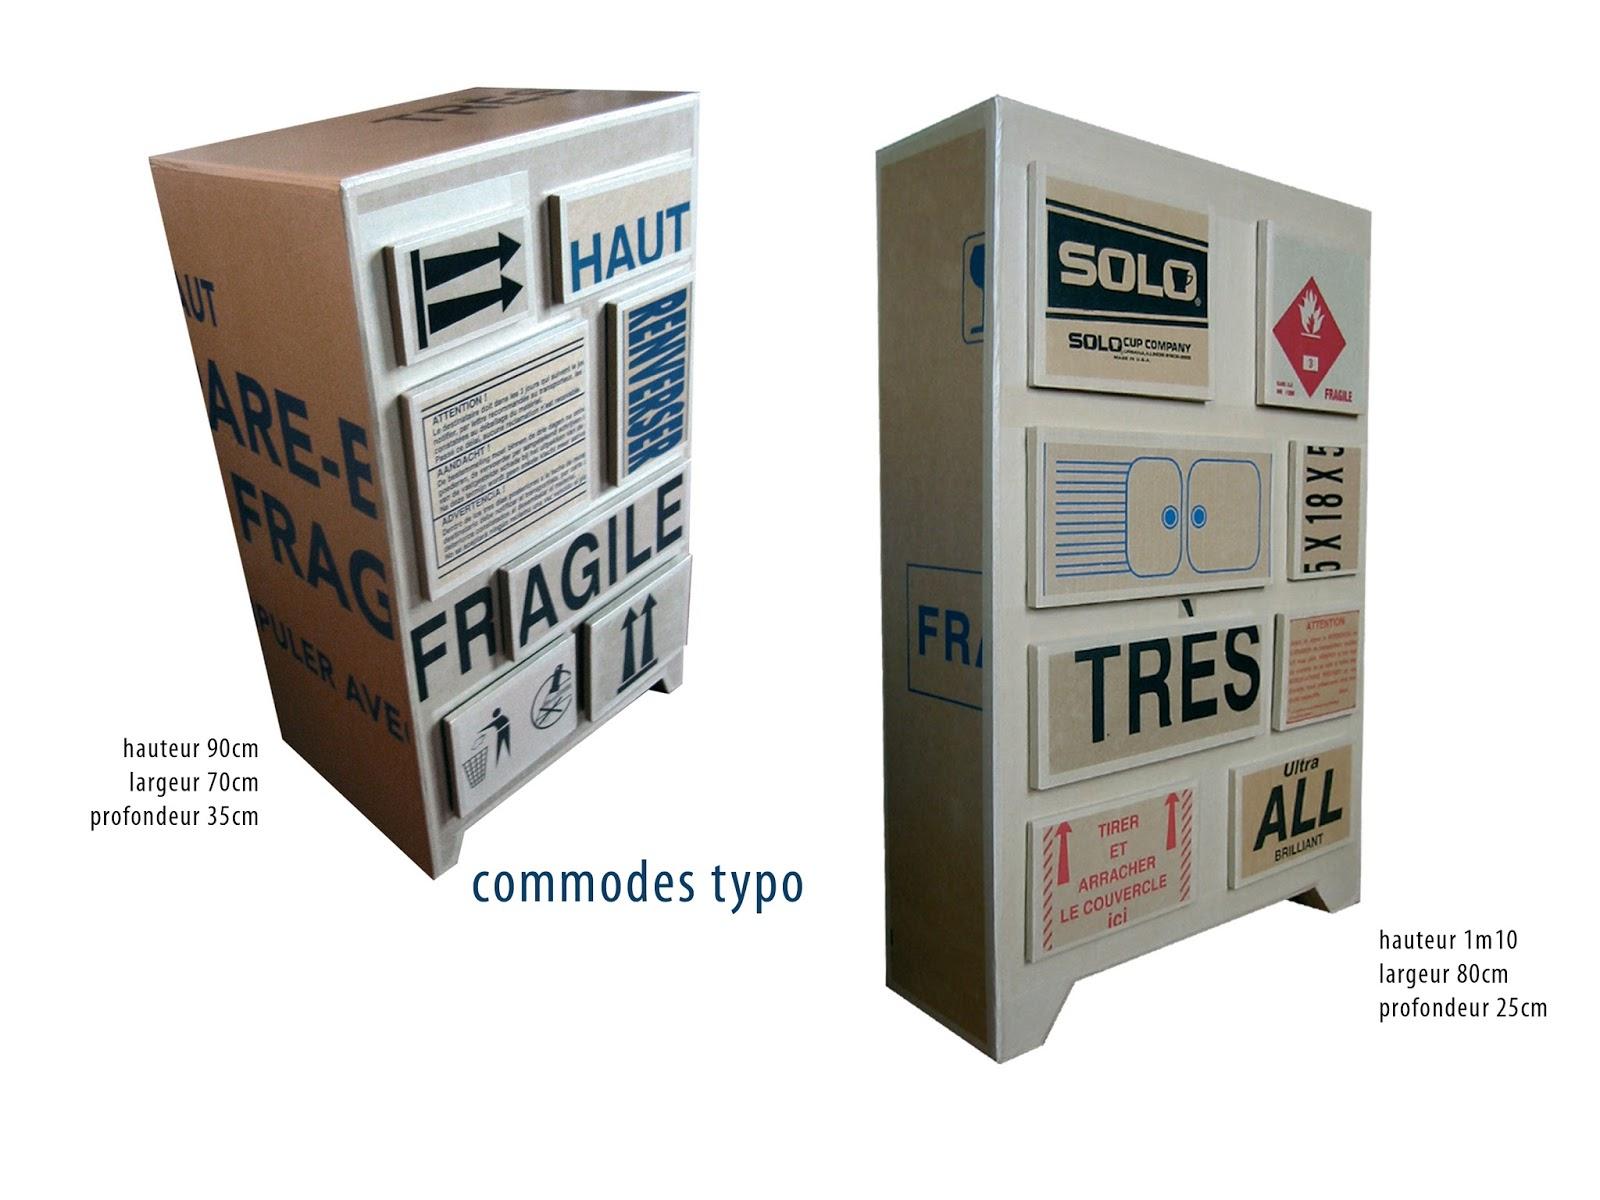 commode en carton. meuble en carton case et tiroirs. création sur mesure fabriqué à marseille par juliadesign.